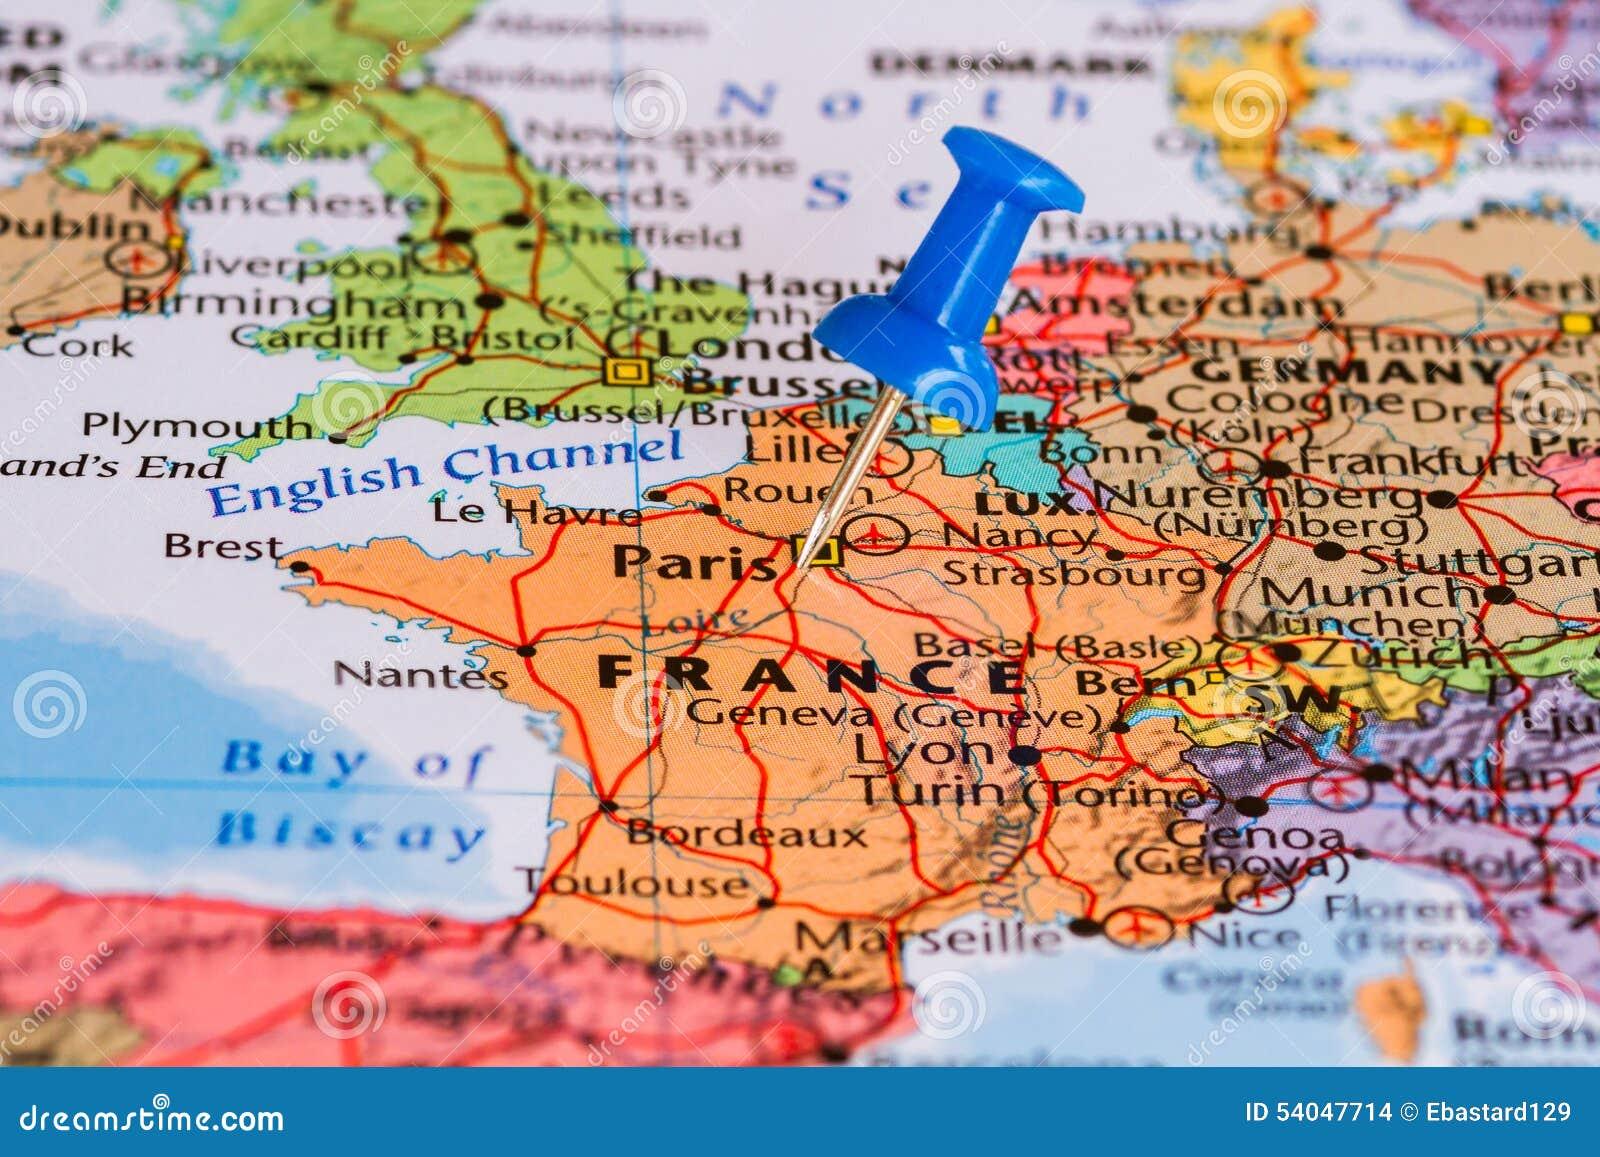 χάρτης της Γαλλίας στοκ εικόνες. εικόνα από χάρτης, γαλλίας - 54047714